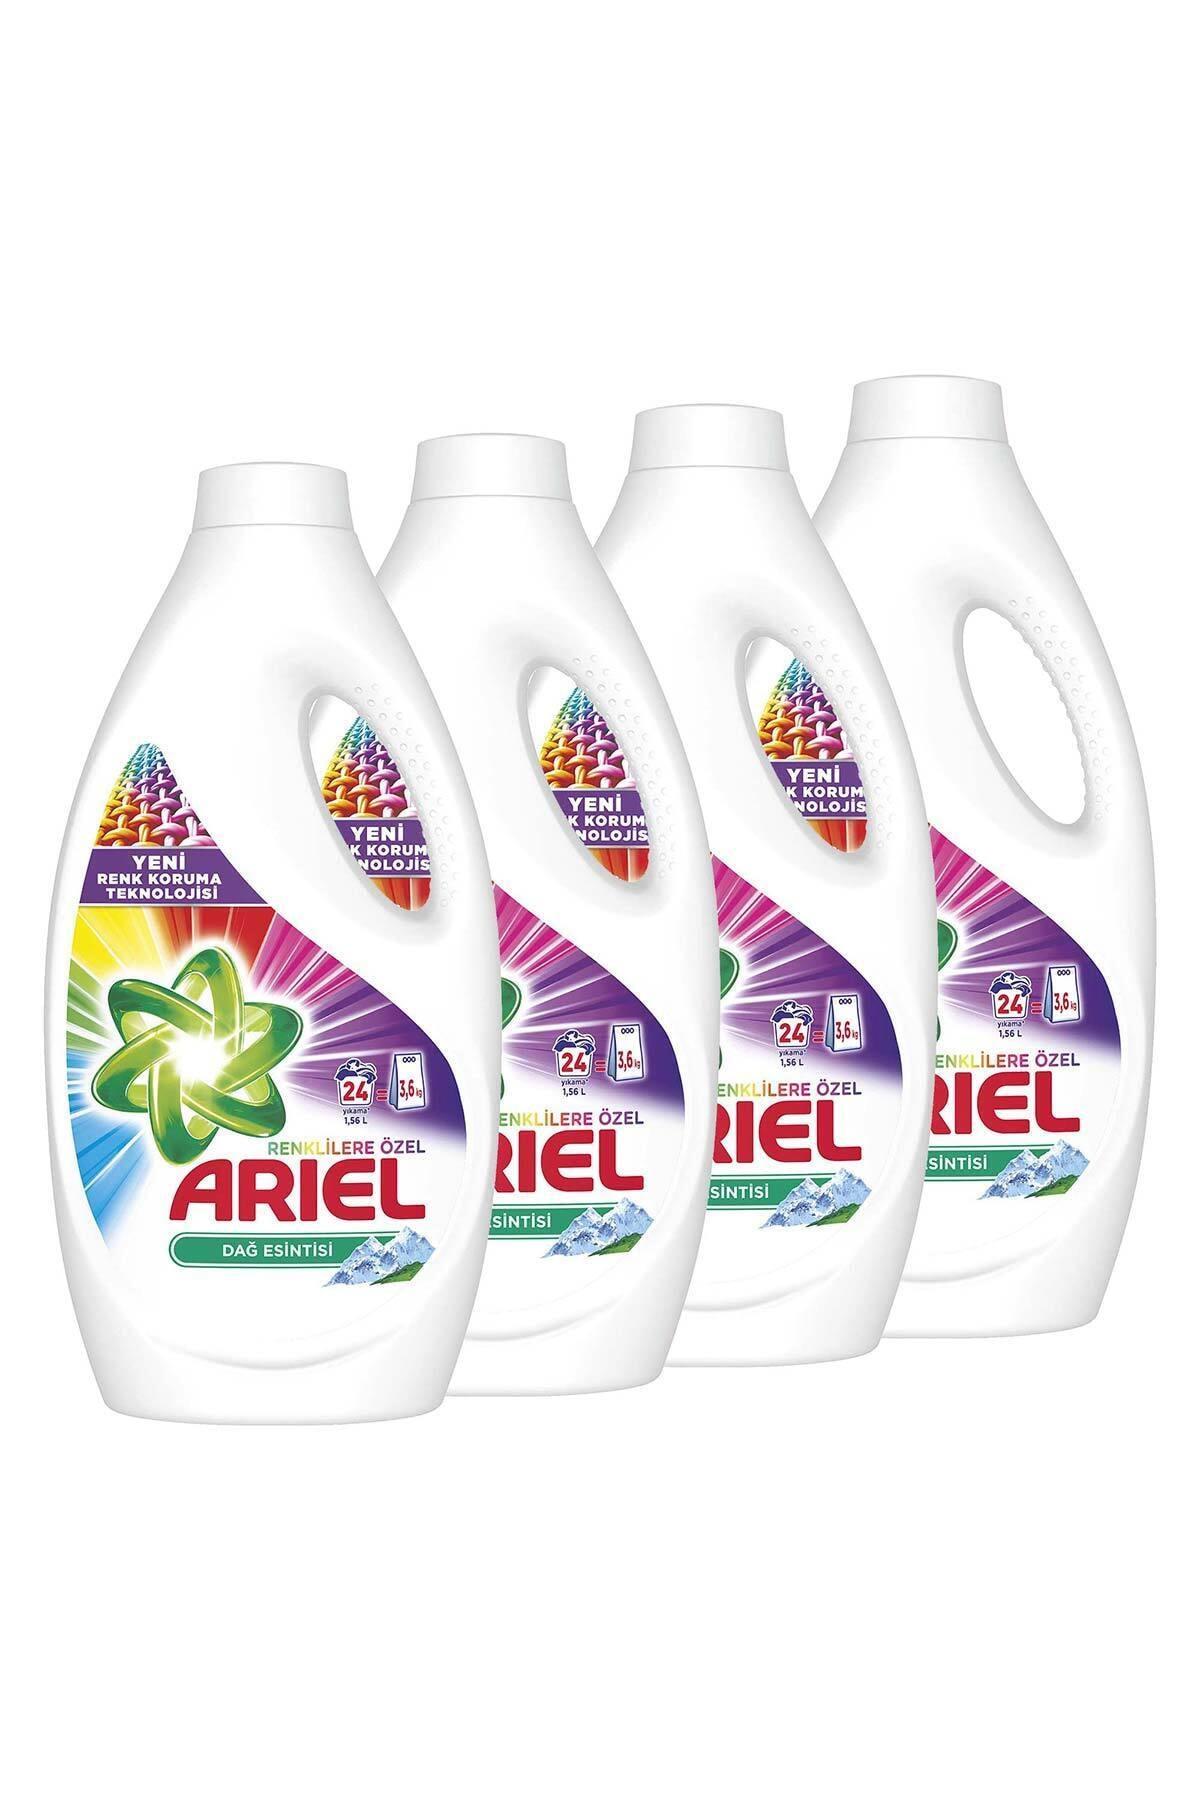 Ariel Parlak Renkler Sıvı Çamaşır Deterjanı 24 Yıkama x 4 Adet 96 Yıkama 2